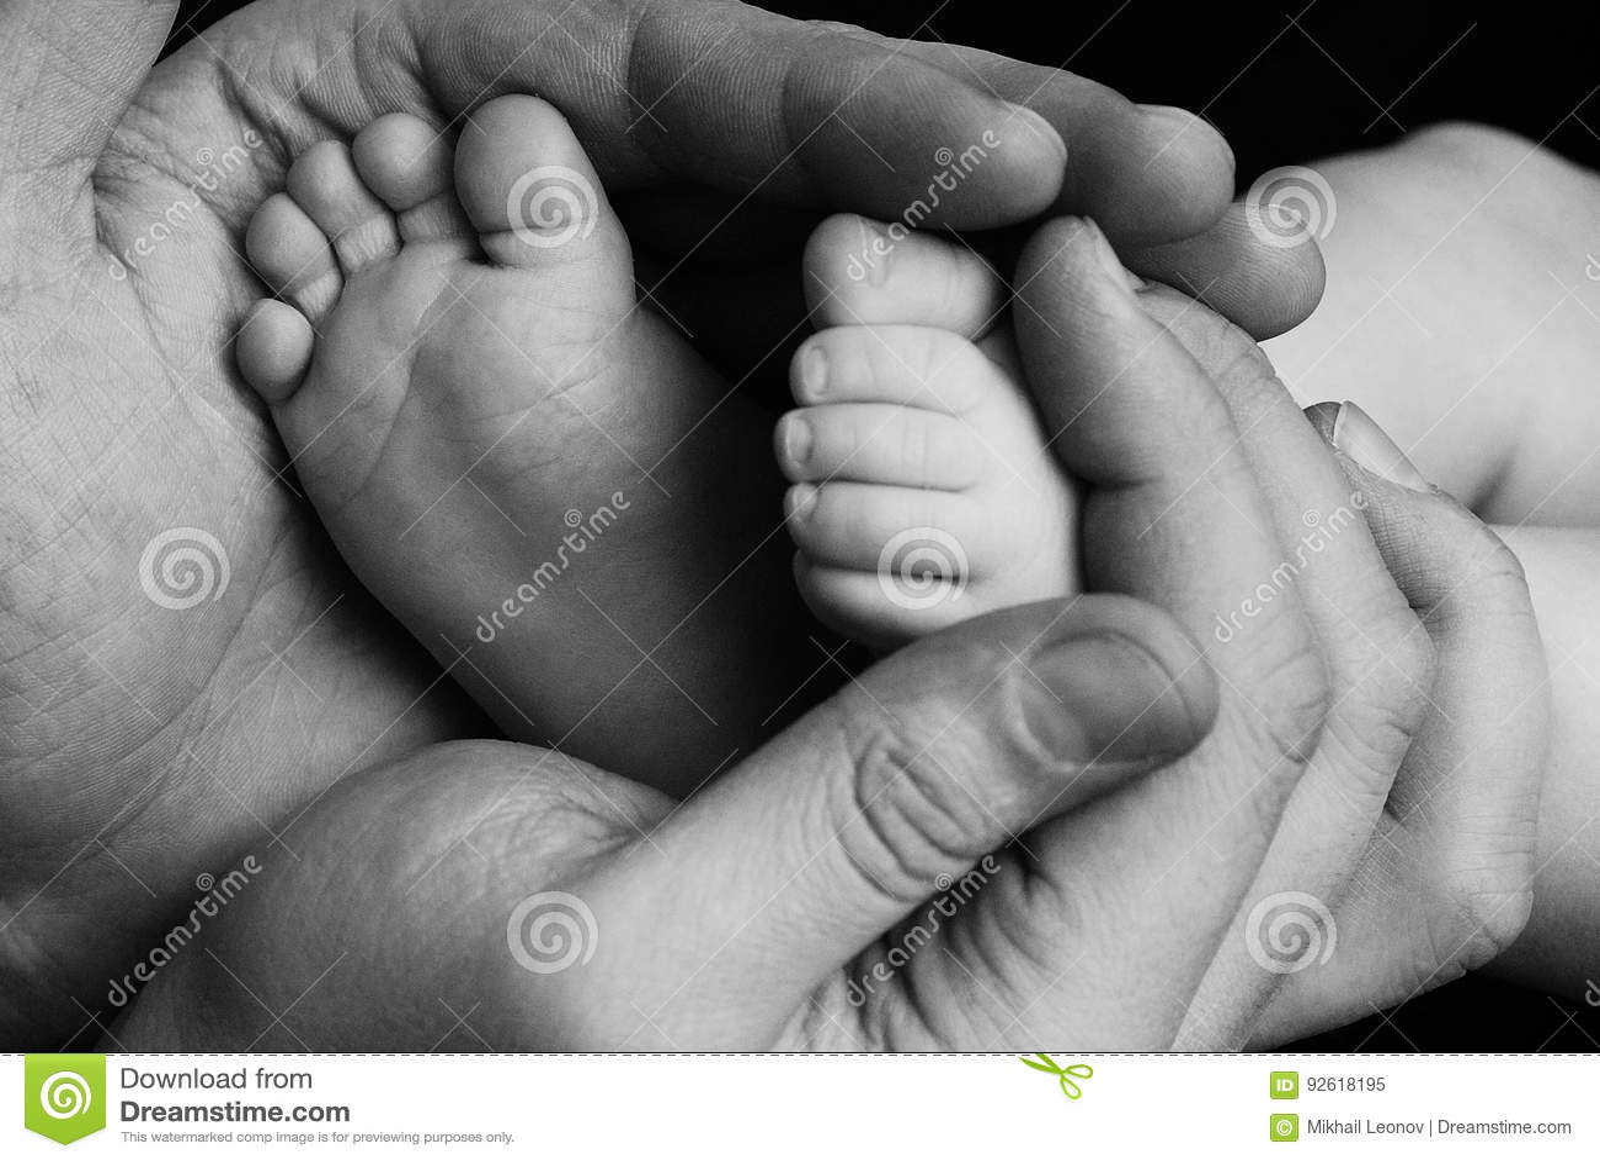 Śliczny dziecka dziecka niemowlę mała stopa w ojciec rękach Klasyczny zbliżenie strzał o wartościach rodzinnych i rodzica dziecka